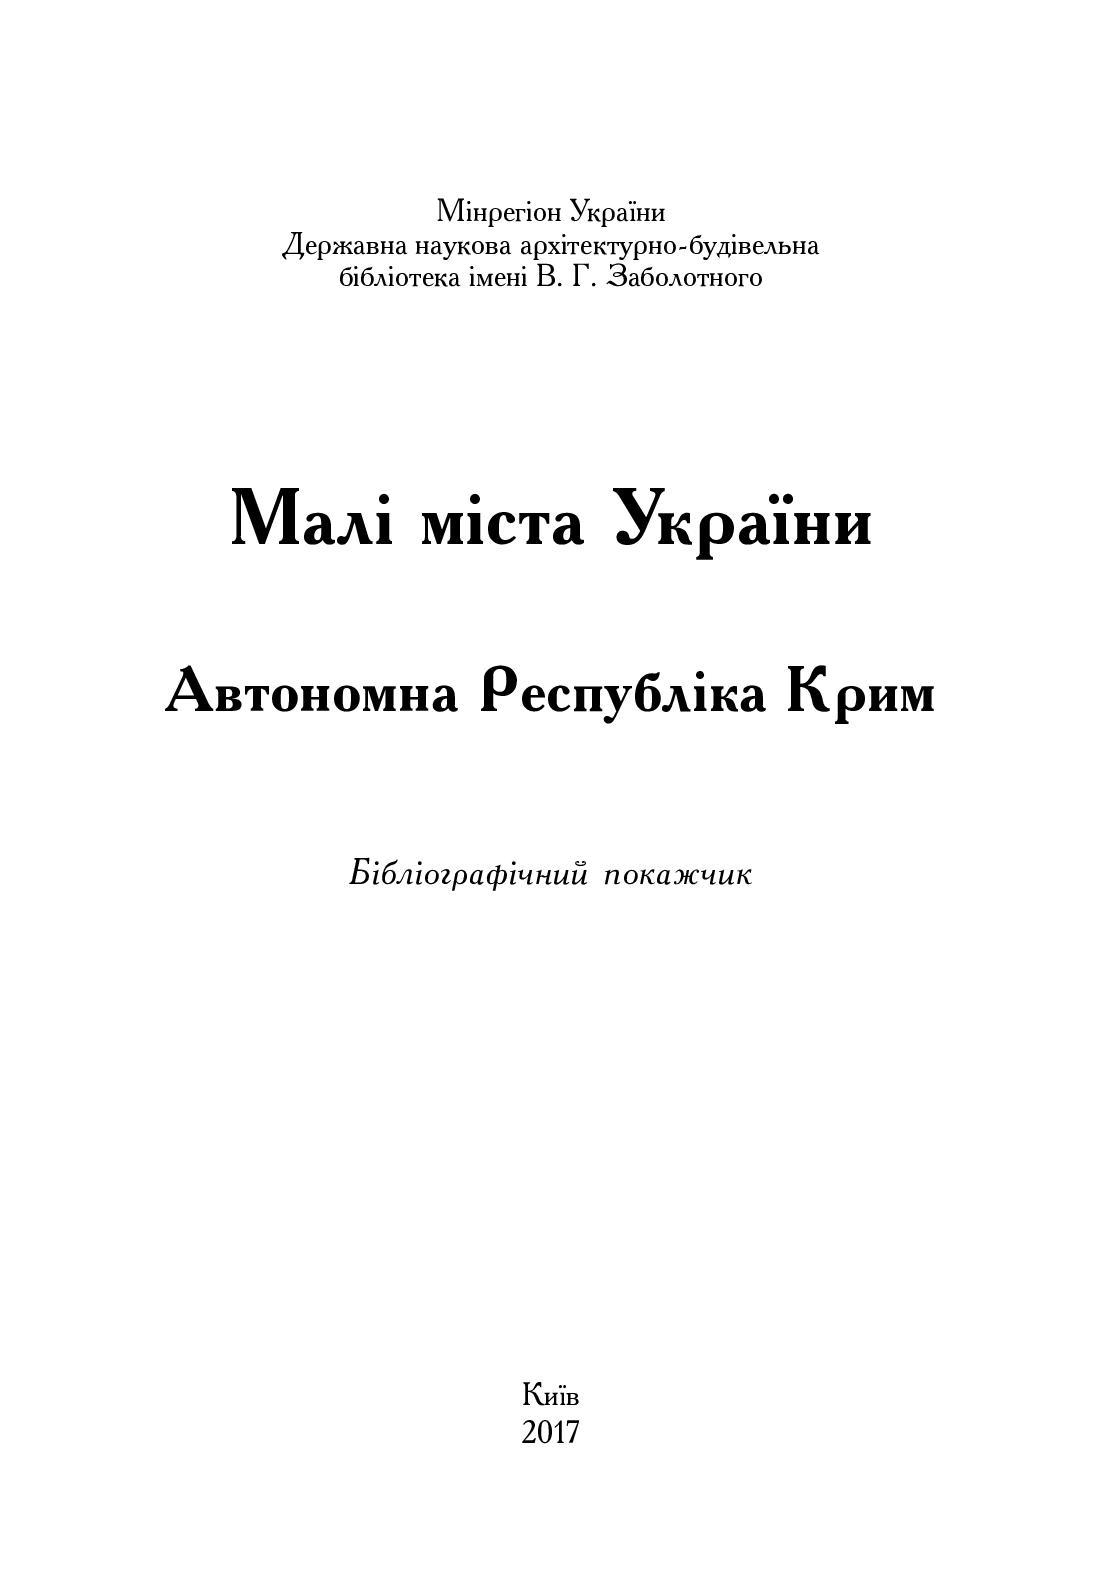 АР Крим 30 10 2017